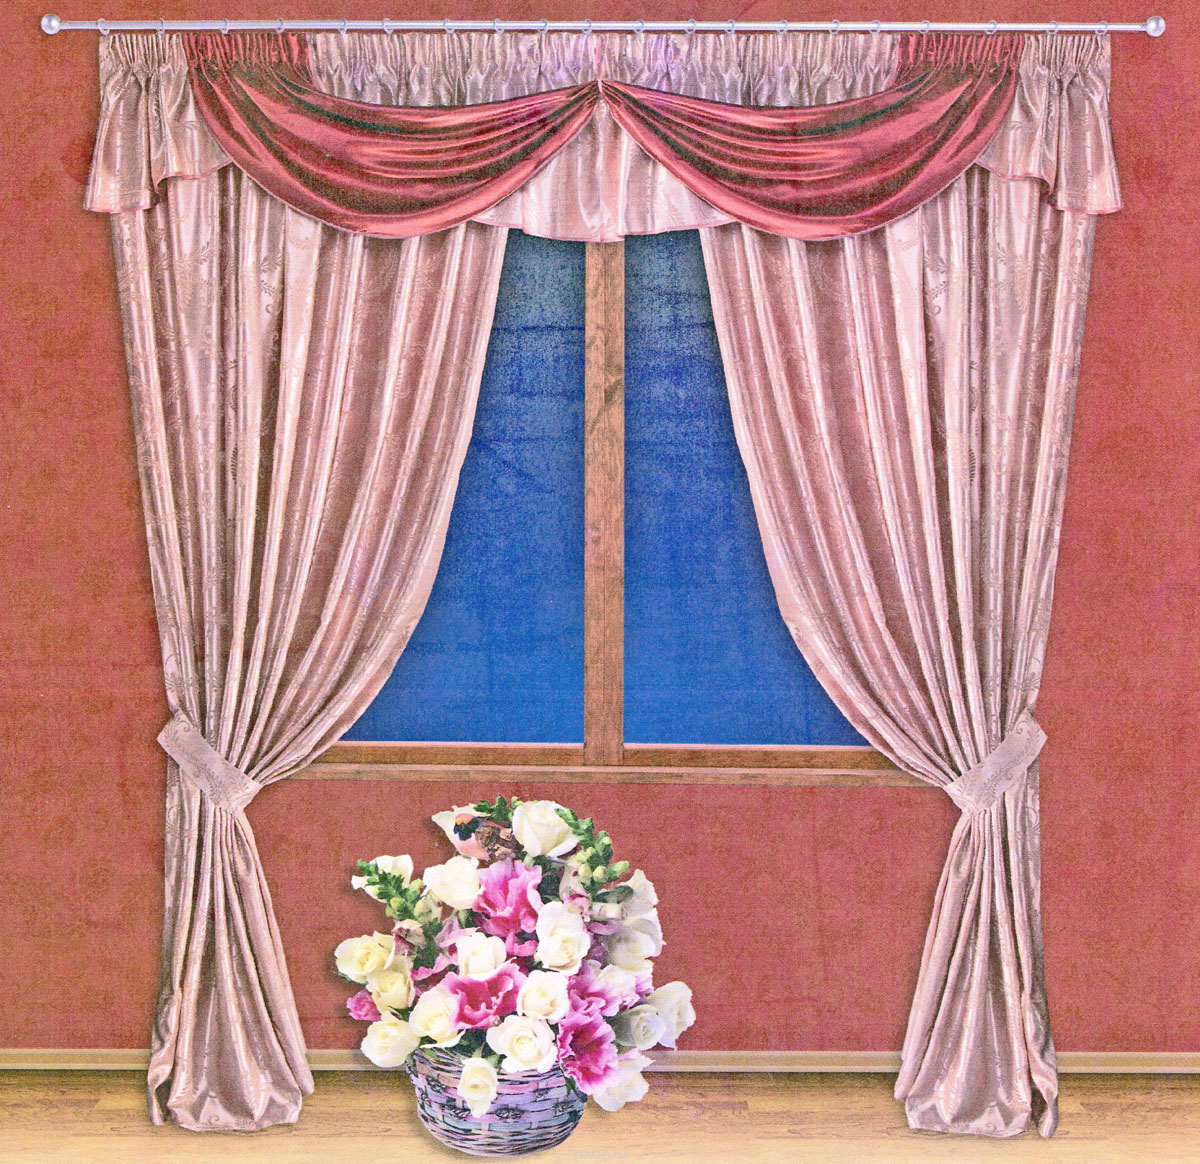 Комплект штор Zlata Korunka, на ленте, цвет: красный, бледно-розовый, высота 250 см. 5551220152-9Роскошный комплект штор Zlata Korunka, выполненный из ткани шанзализе, сатина и жаккарда (100% полиэстера), великолепно украсит любое окно. Комплект состоит из двух портьер, ламбрекена и двух подхватов. Плотная ткань, оригинальный орнамент и приятная, приглушенная гамма привлекут к себе внимание и органично впишутся в интерьер помещения. Комплект крепится на карниз при помощи шторной ленты, которая поможет красиво и равномерно задрапировать верх. Портьеры можно зафиксировать в одном положении с помощью двух подхватов. Этот комплект будет долгое время радовать вас и вашу семью! В комплект входит: Портьера: 2 шт. Размер (ШхВ): 200 см х 250 см. Ламбрекен: 1 шт. Размер (ШхВ): 450 см х 50 см.Подхват: 2 шт. Размер (ШхВ): 60 см х 10 см.